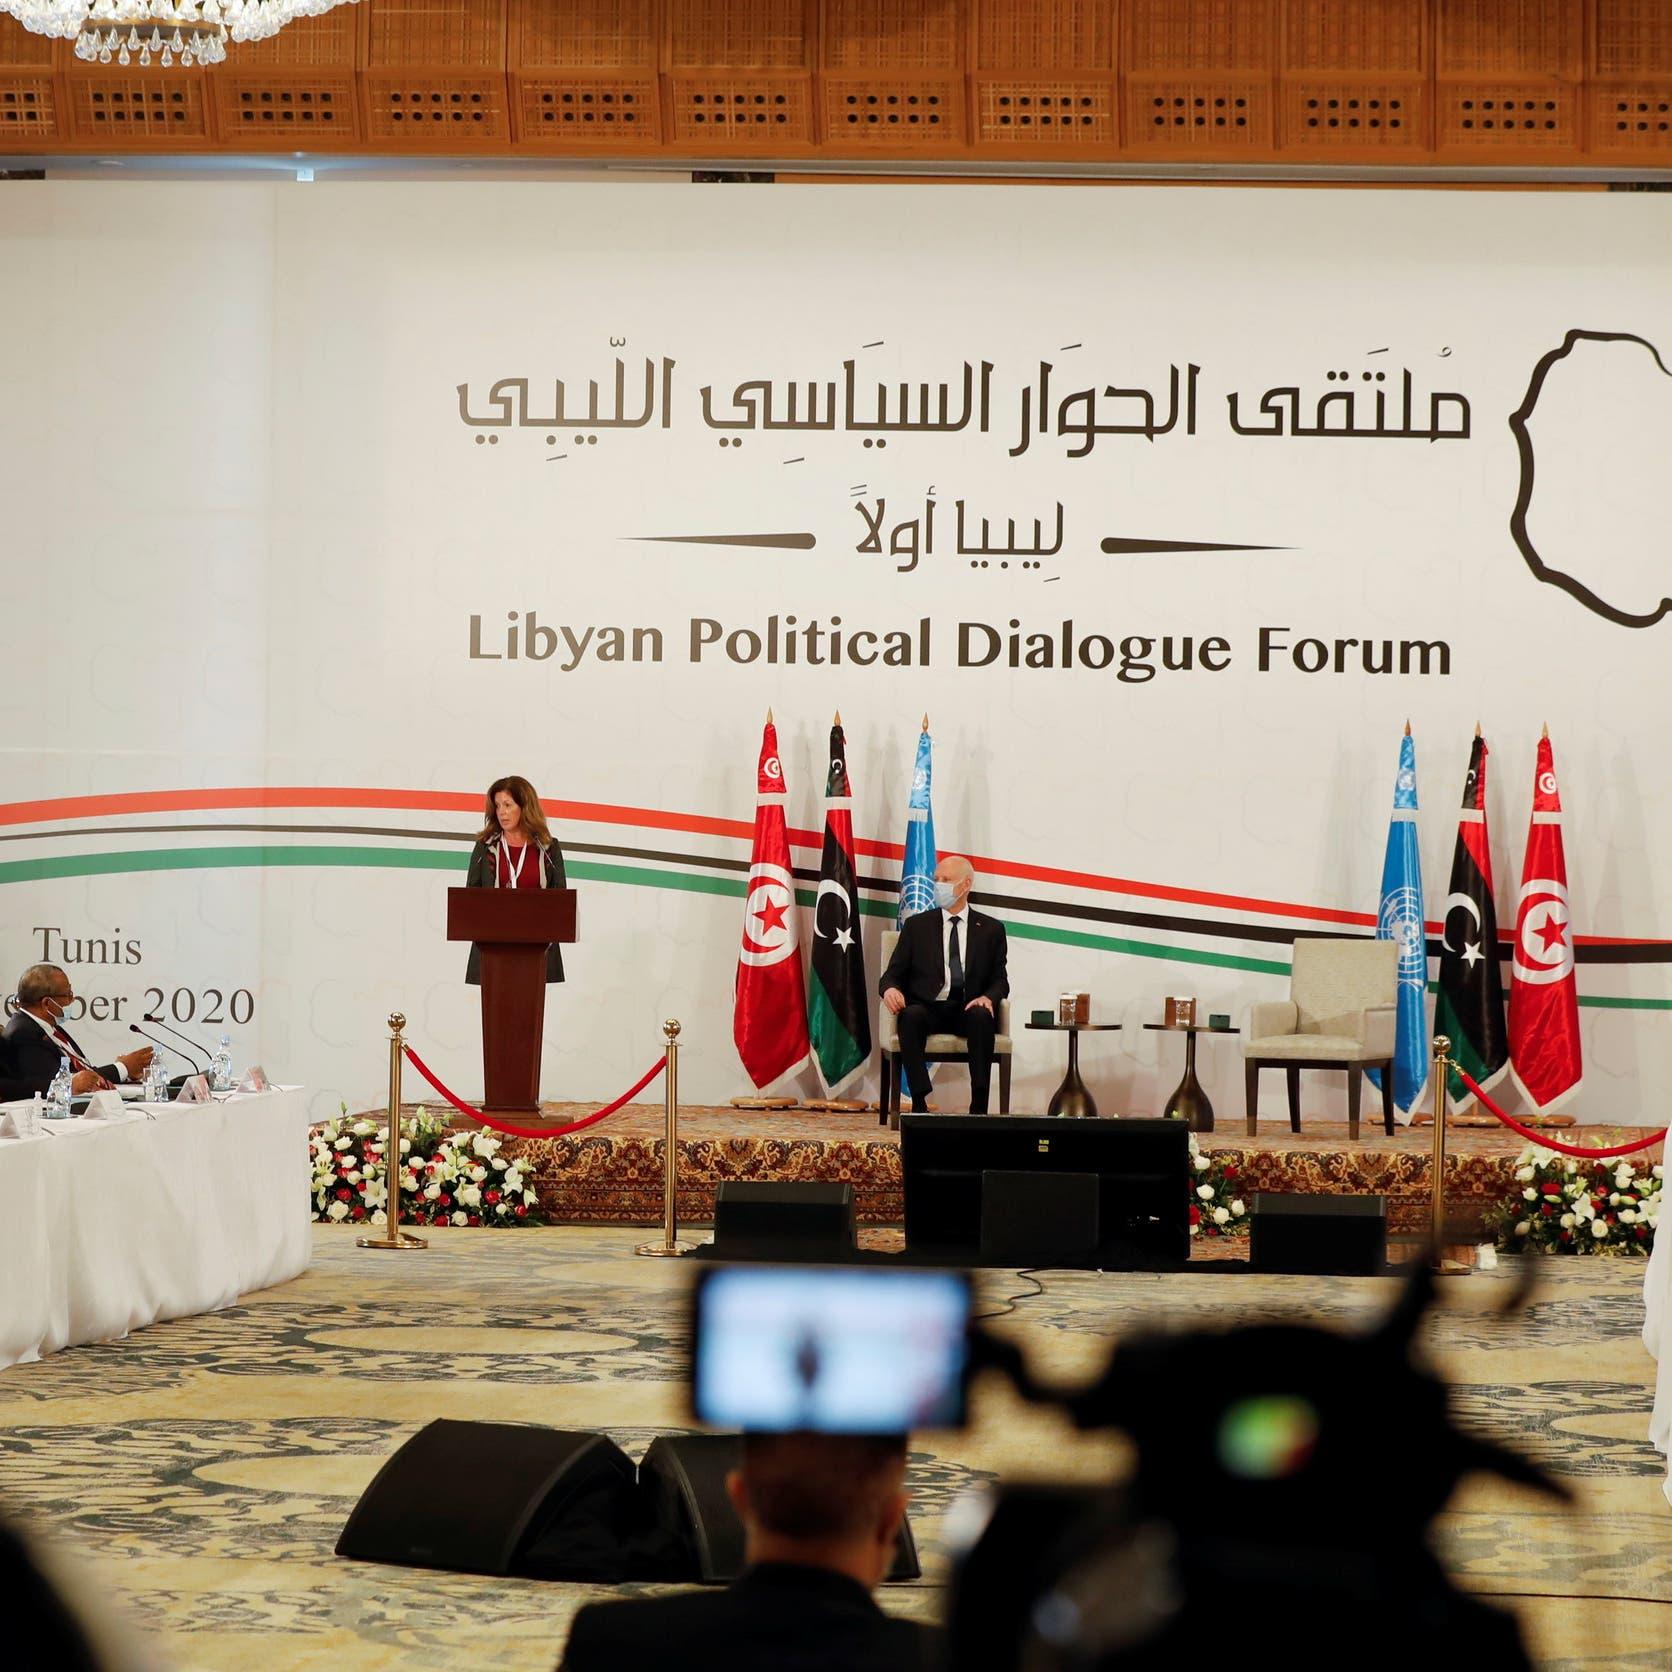 جولة جديدة للحوار الليبي.. والمسار الدستوري على الطاولة